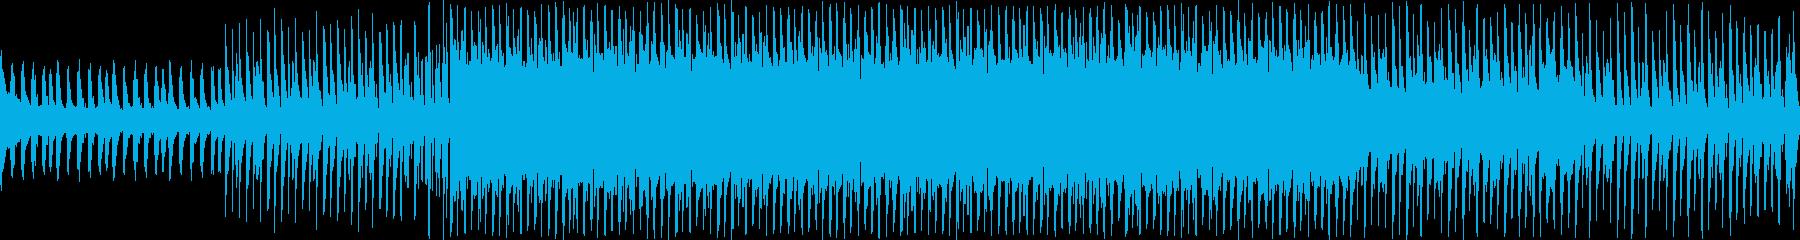 ピアノとシンセリードのおしゃれなループ曲の再生済みの波形